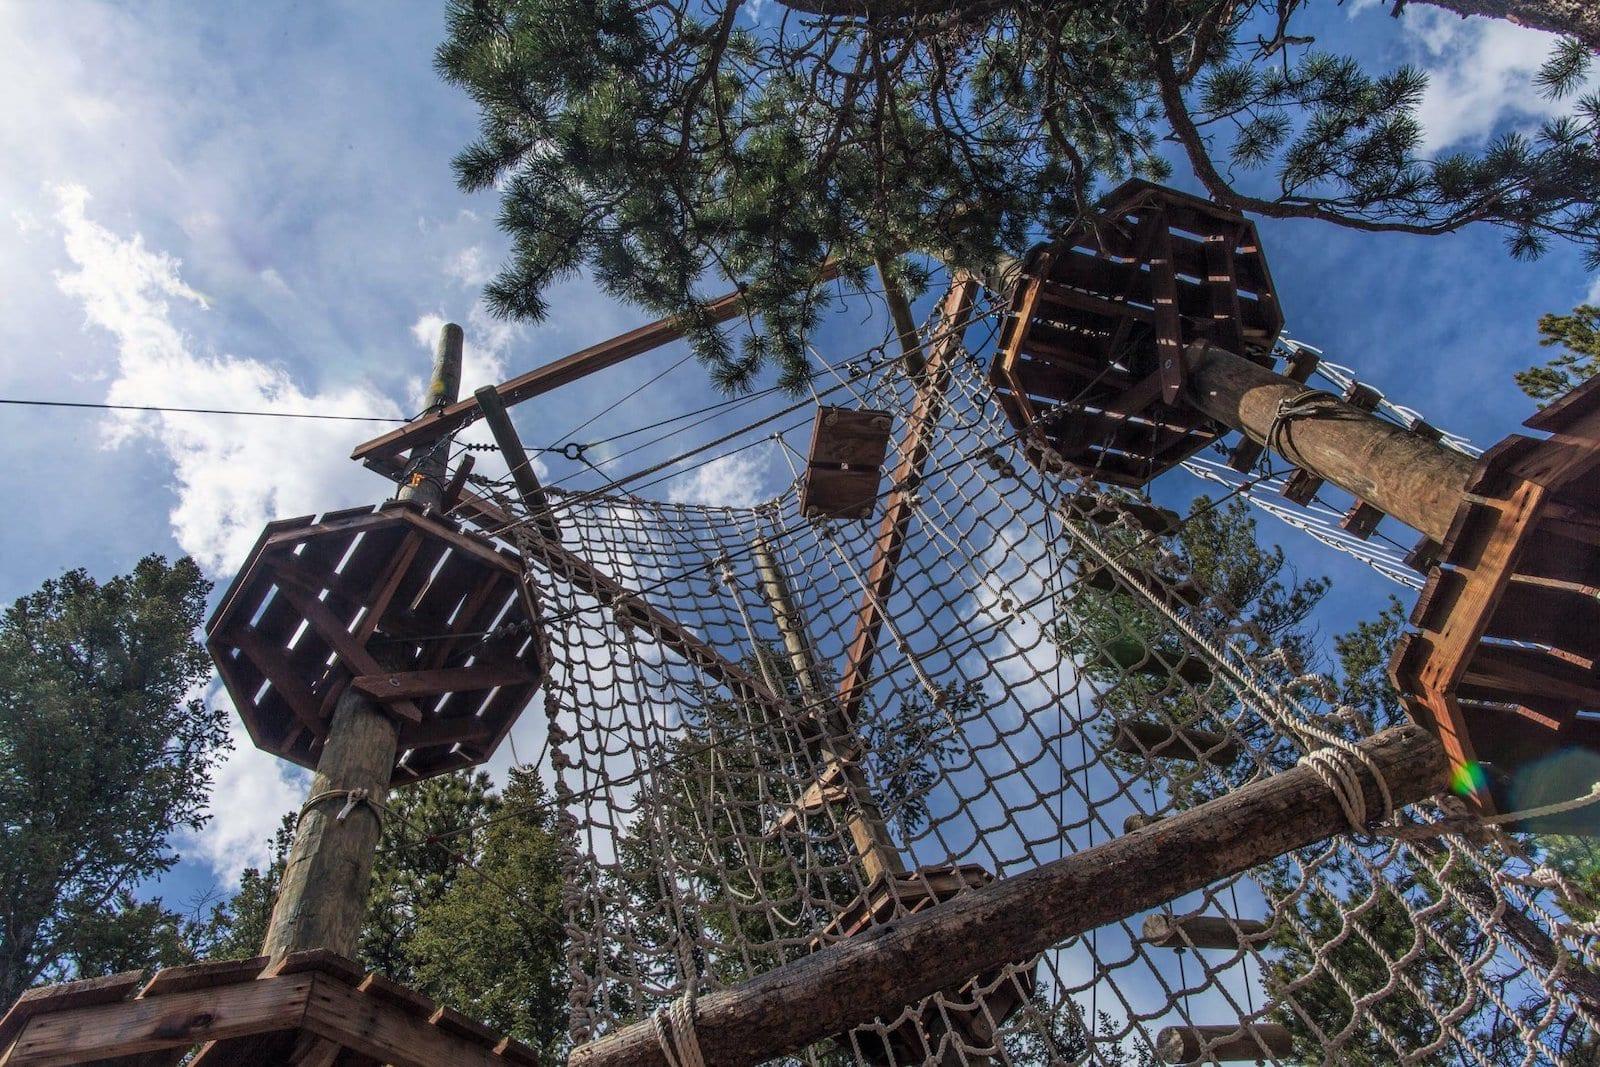 Lawson Adventure Park in Dumont, CO